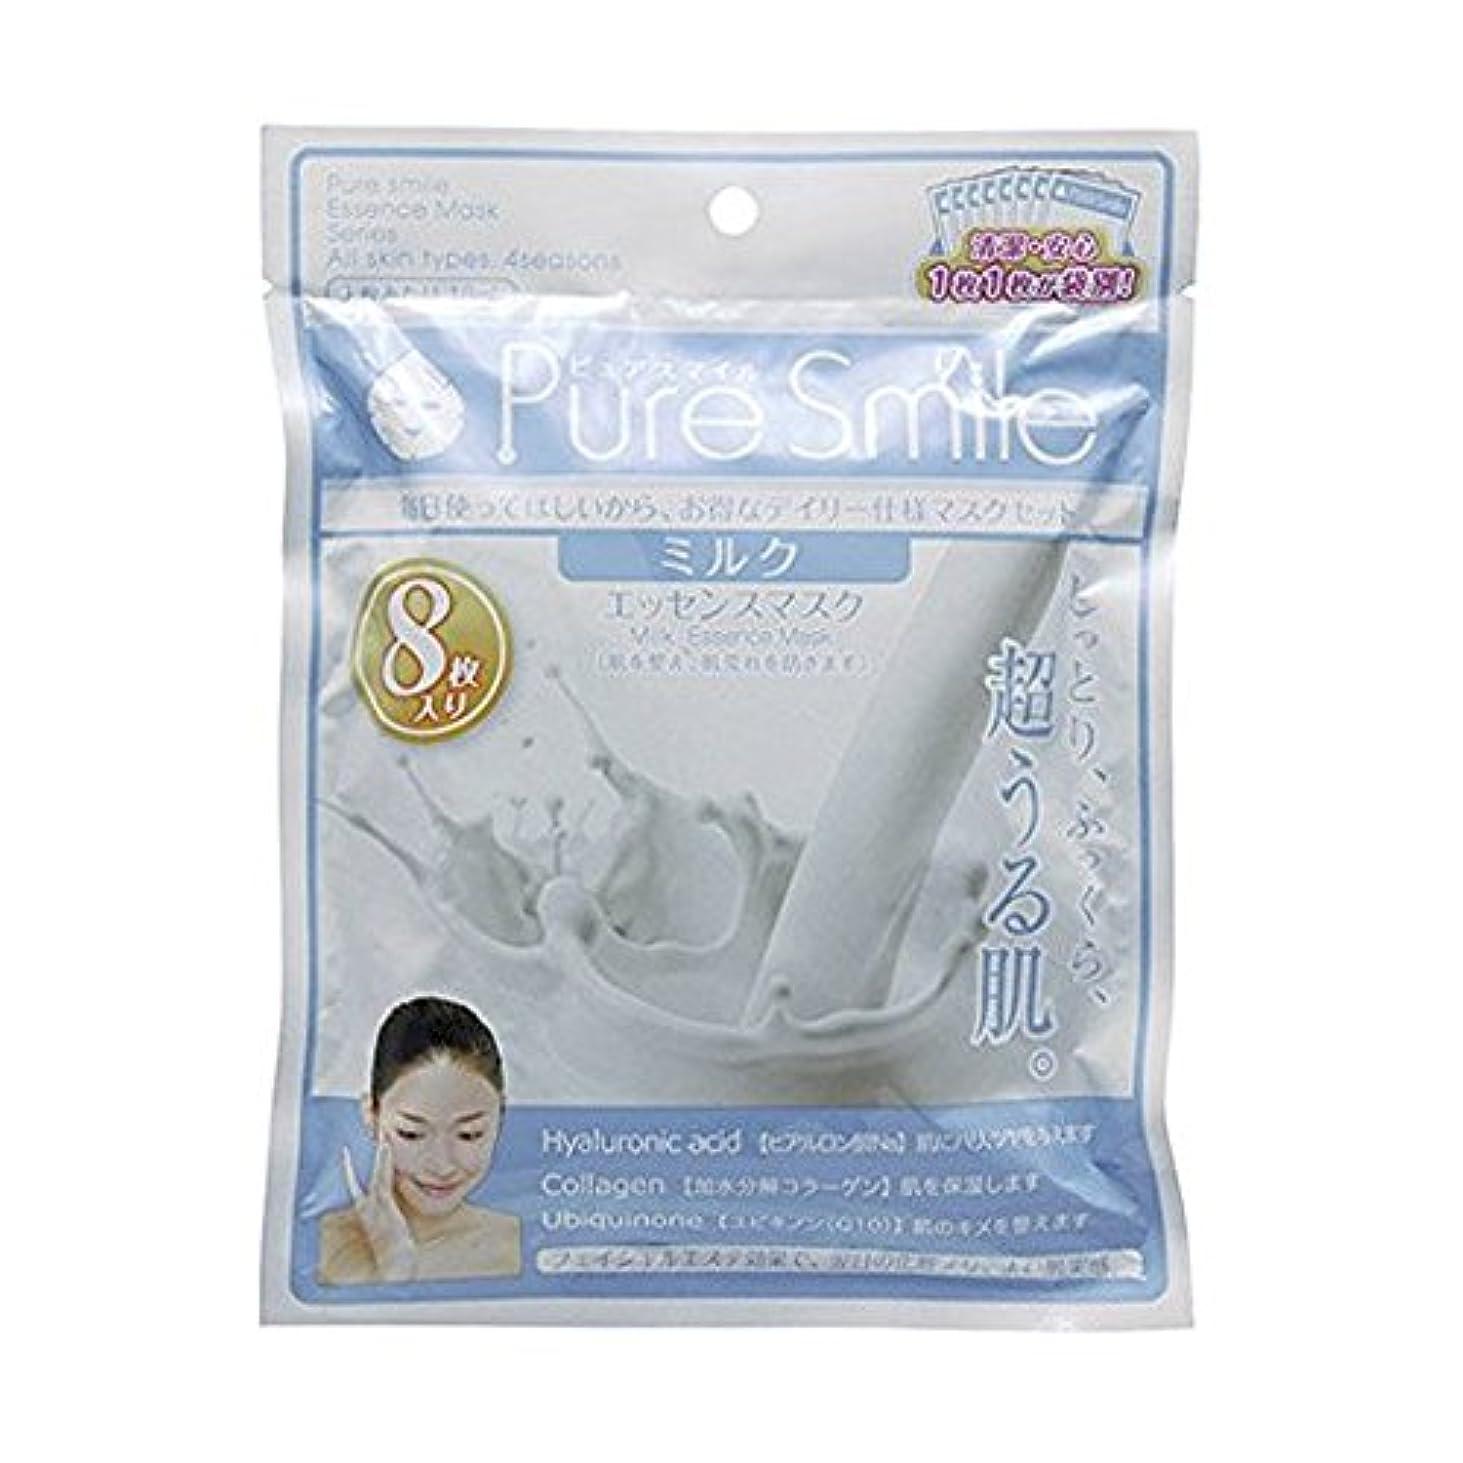 行商戸口ミンチピュアスマイル エッセンスマスク 8枚セット ミルク